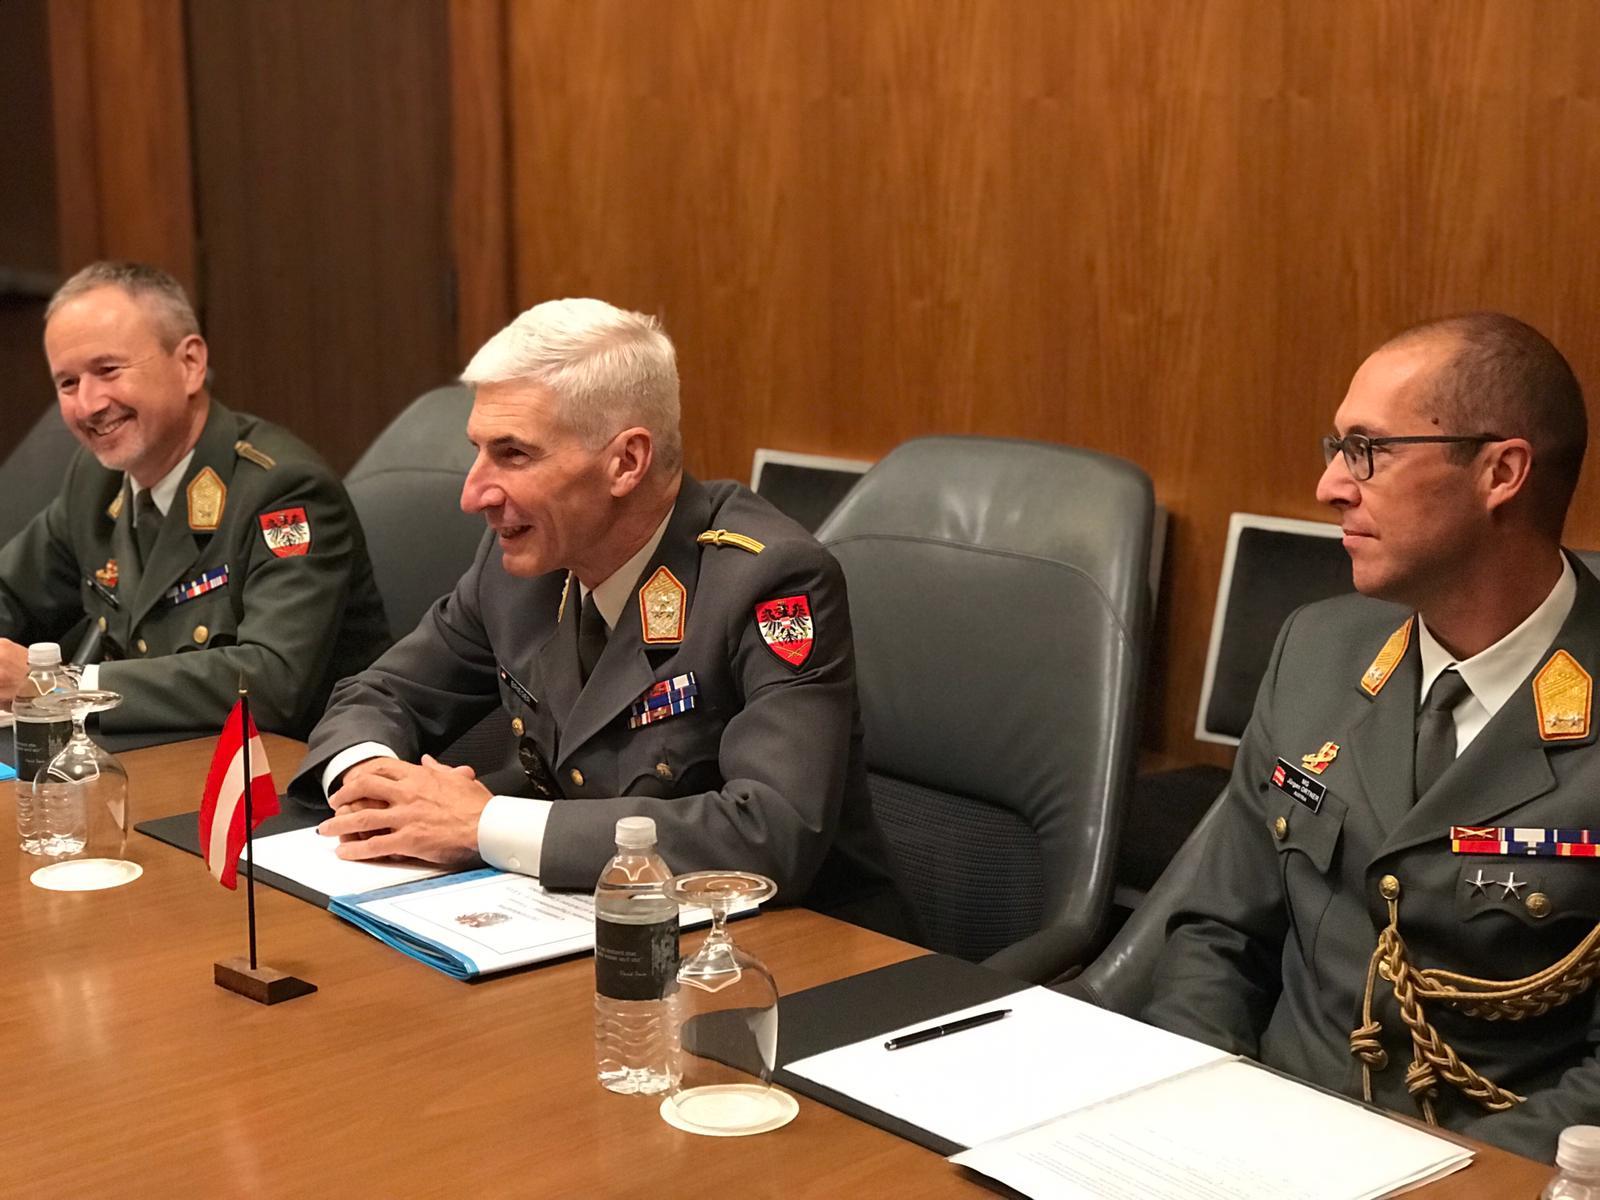 from left: Brigadier General Reinhard Trischak, Austrian Chief of Defense General Brieger, and Major General Jürgen Ortner, Military Attaché in Washington, DC